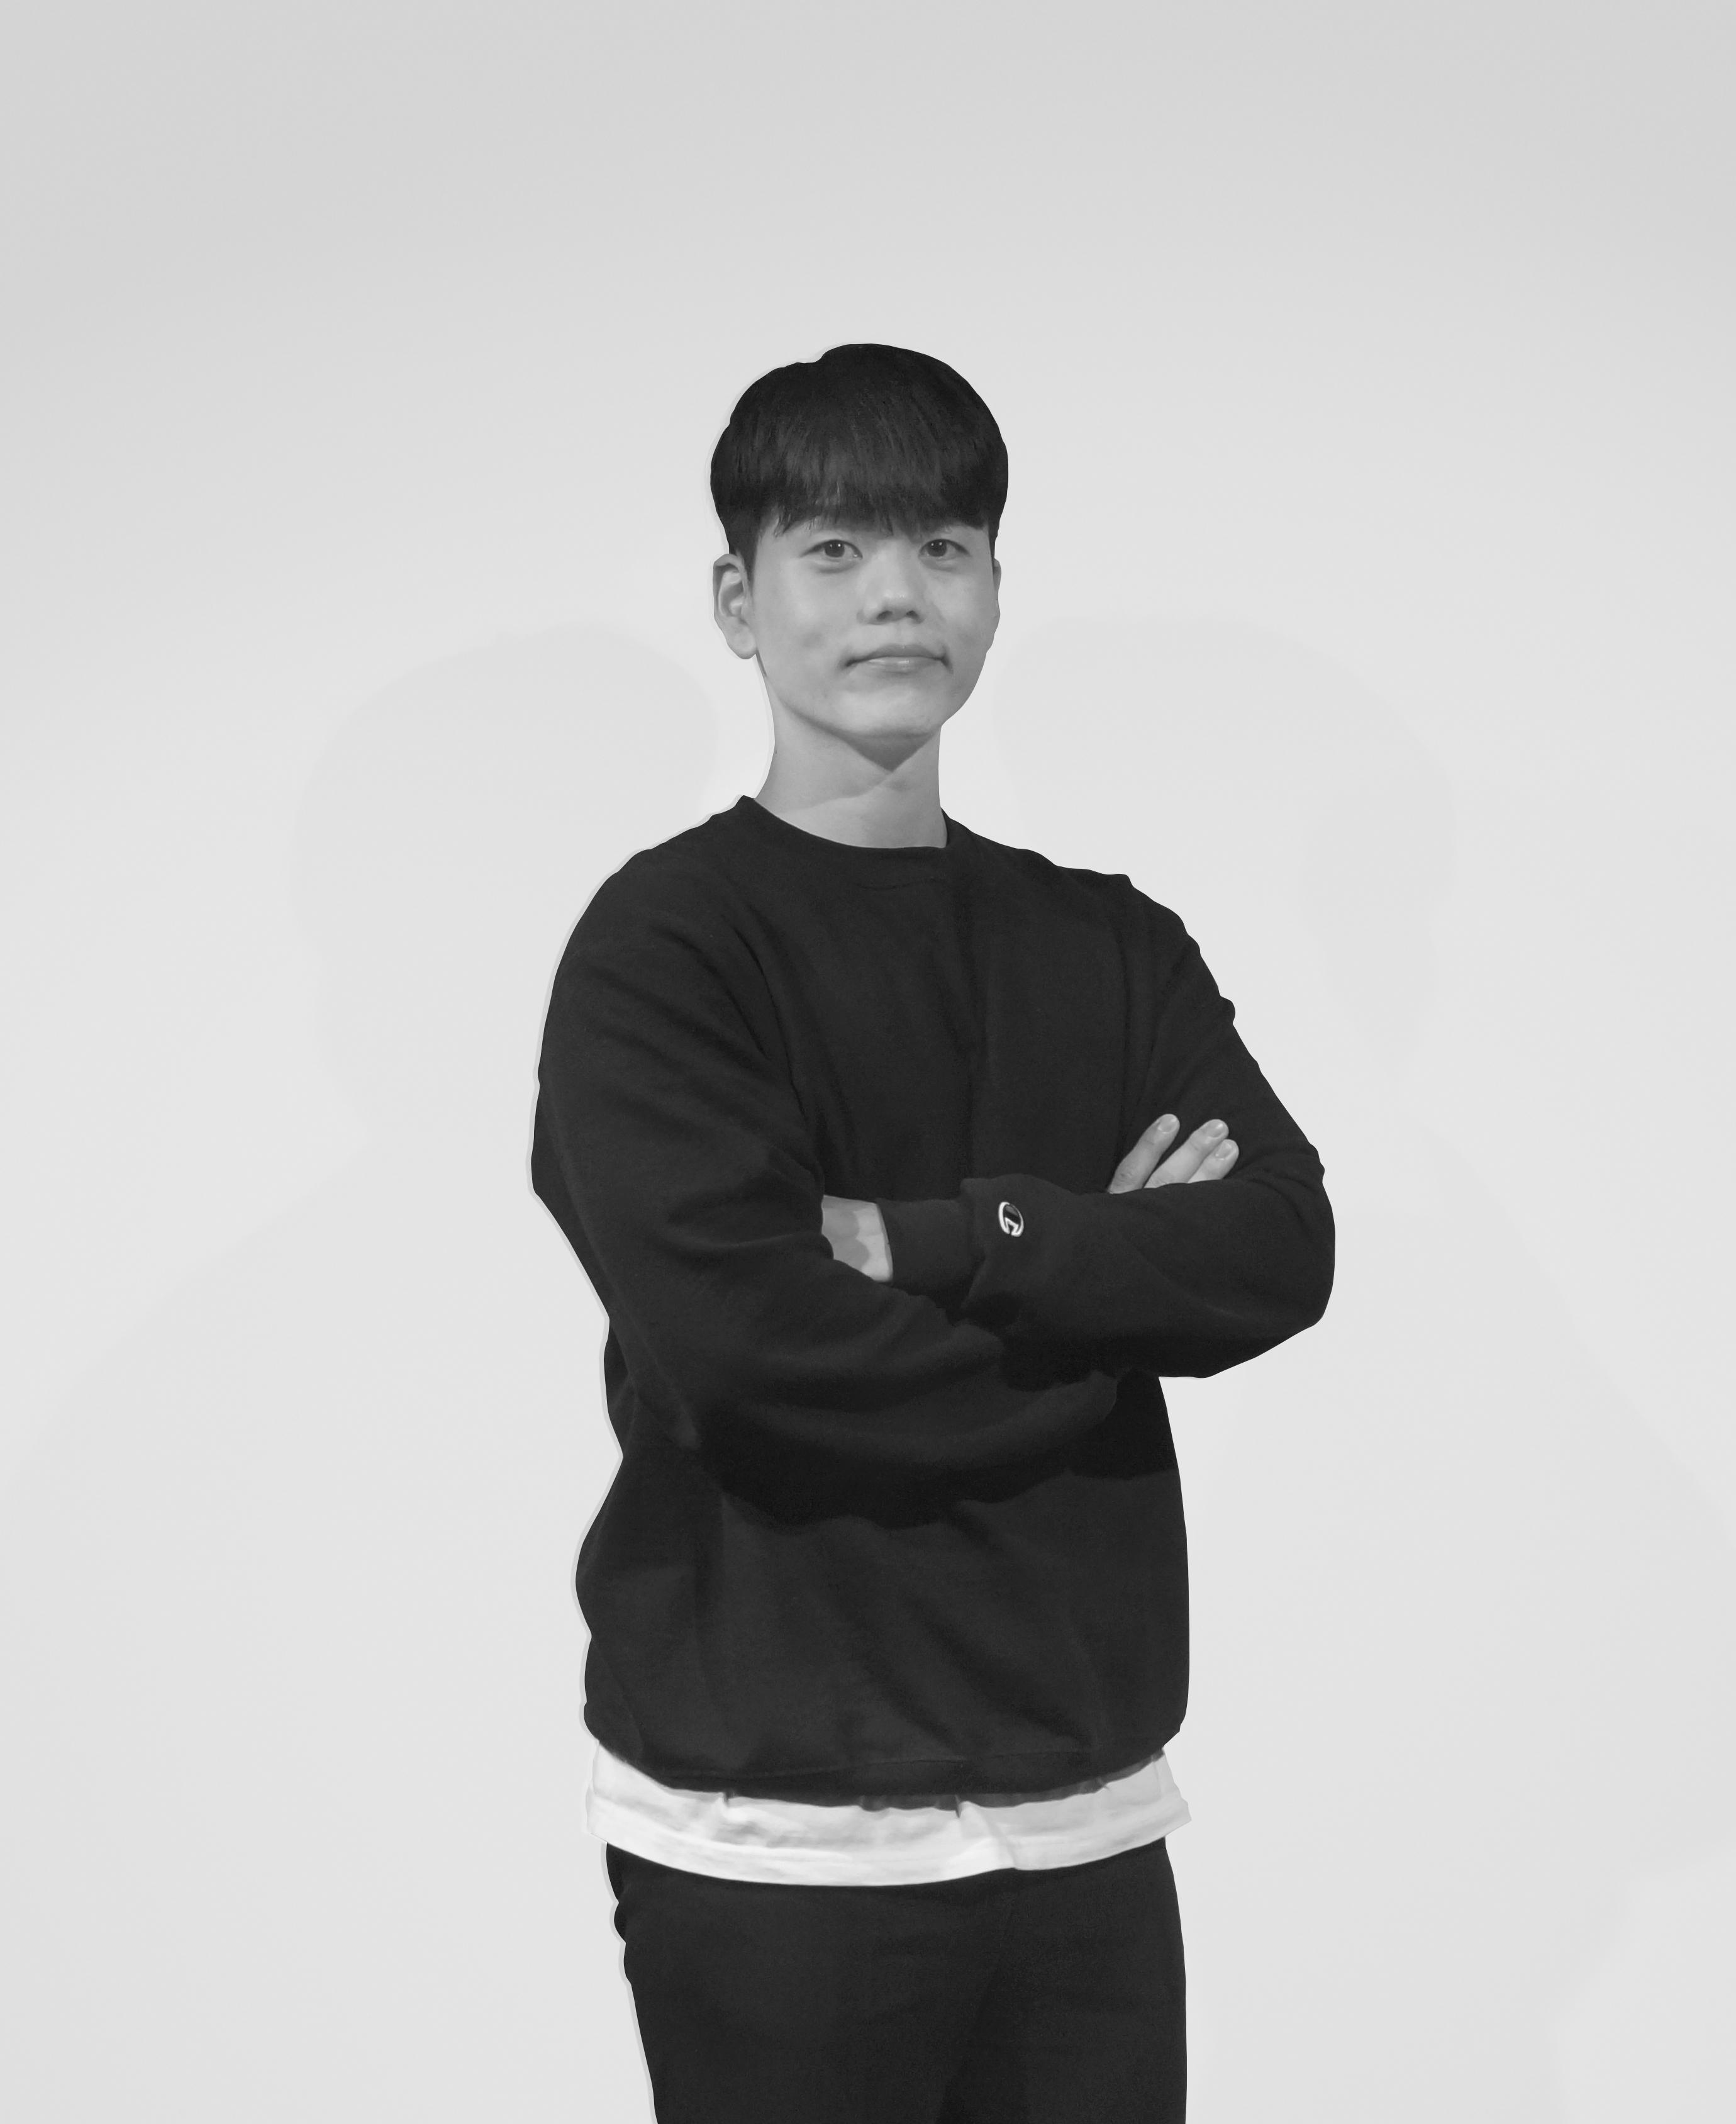 Sunwook Hwang